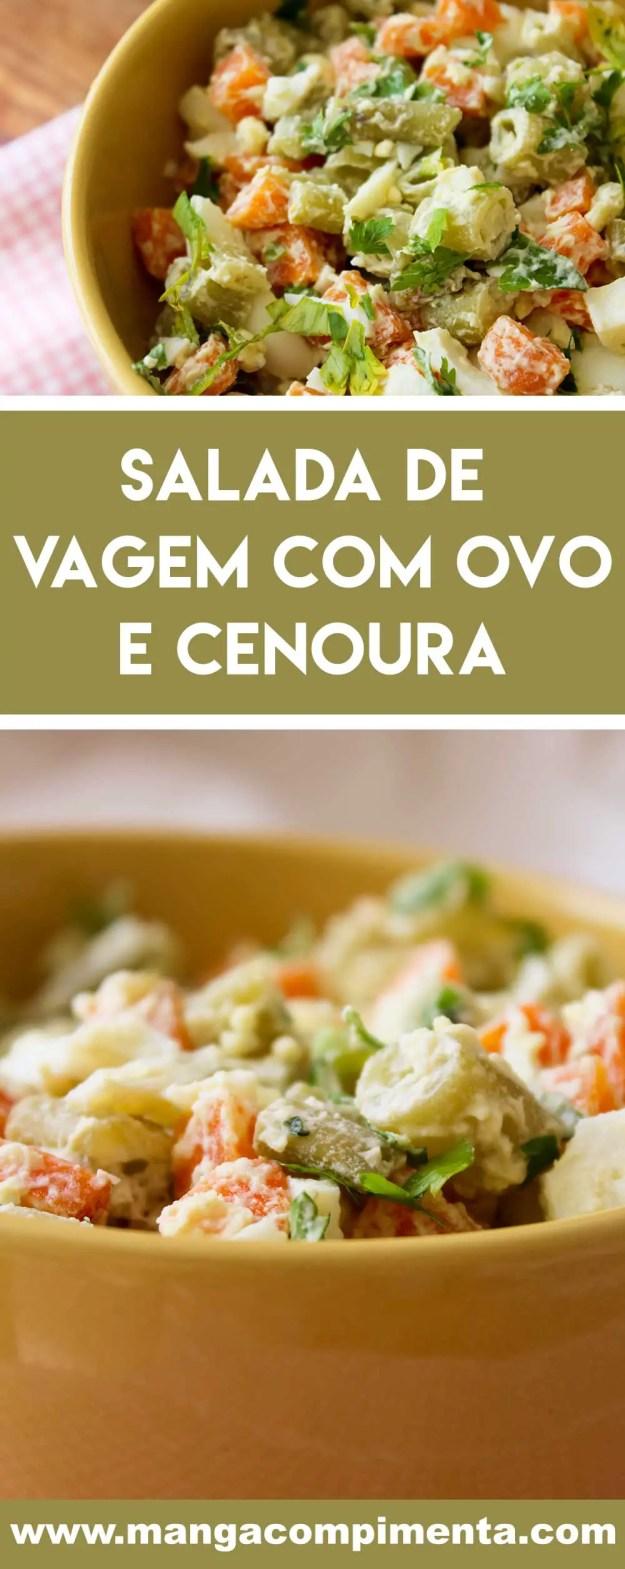 Receita de Salada de Vagem com Ovo e Cenoura - um prato delicioso para o almoço ou jantar da família!